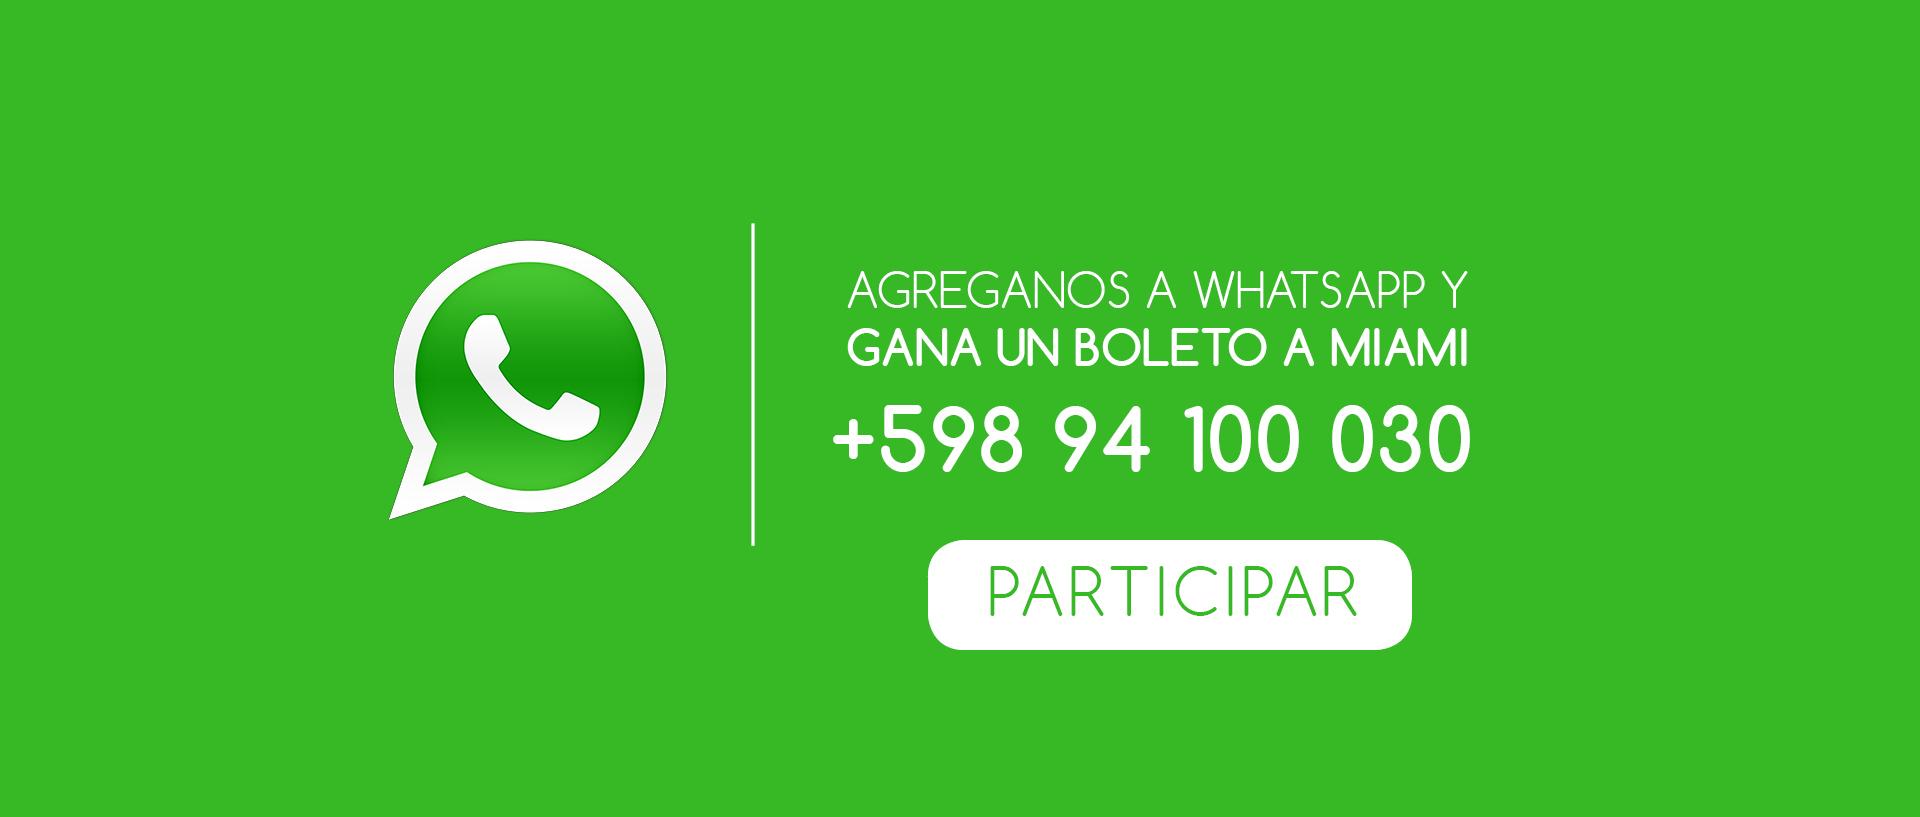 ¡Estamos en WhaysApp +598 94 100 030!